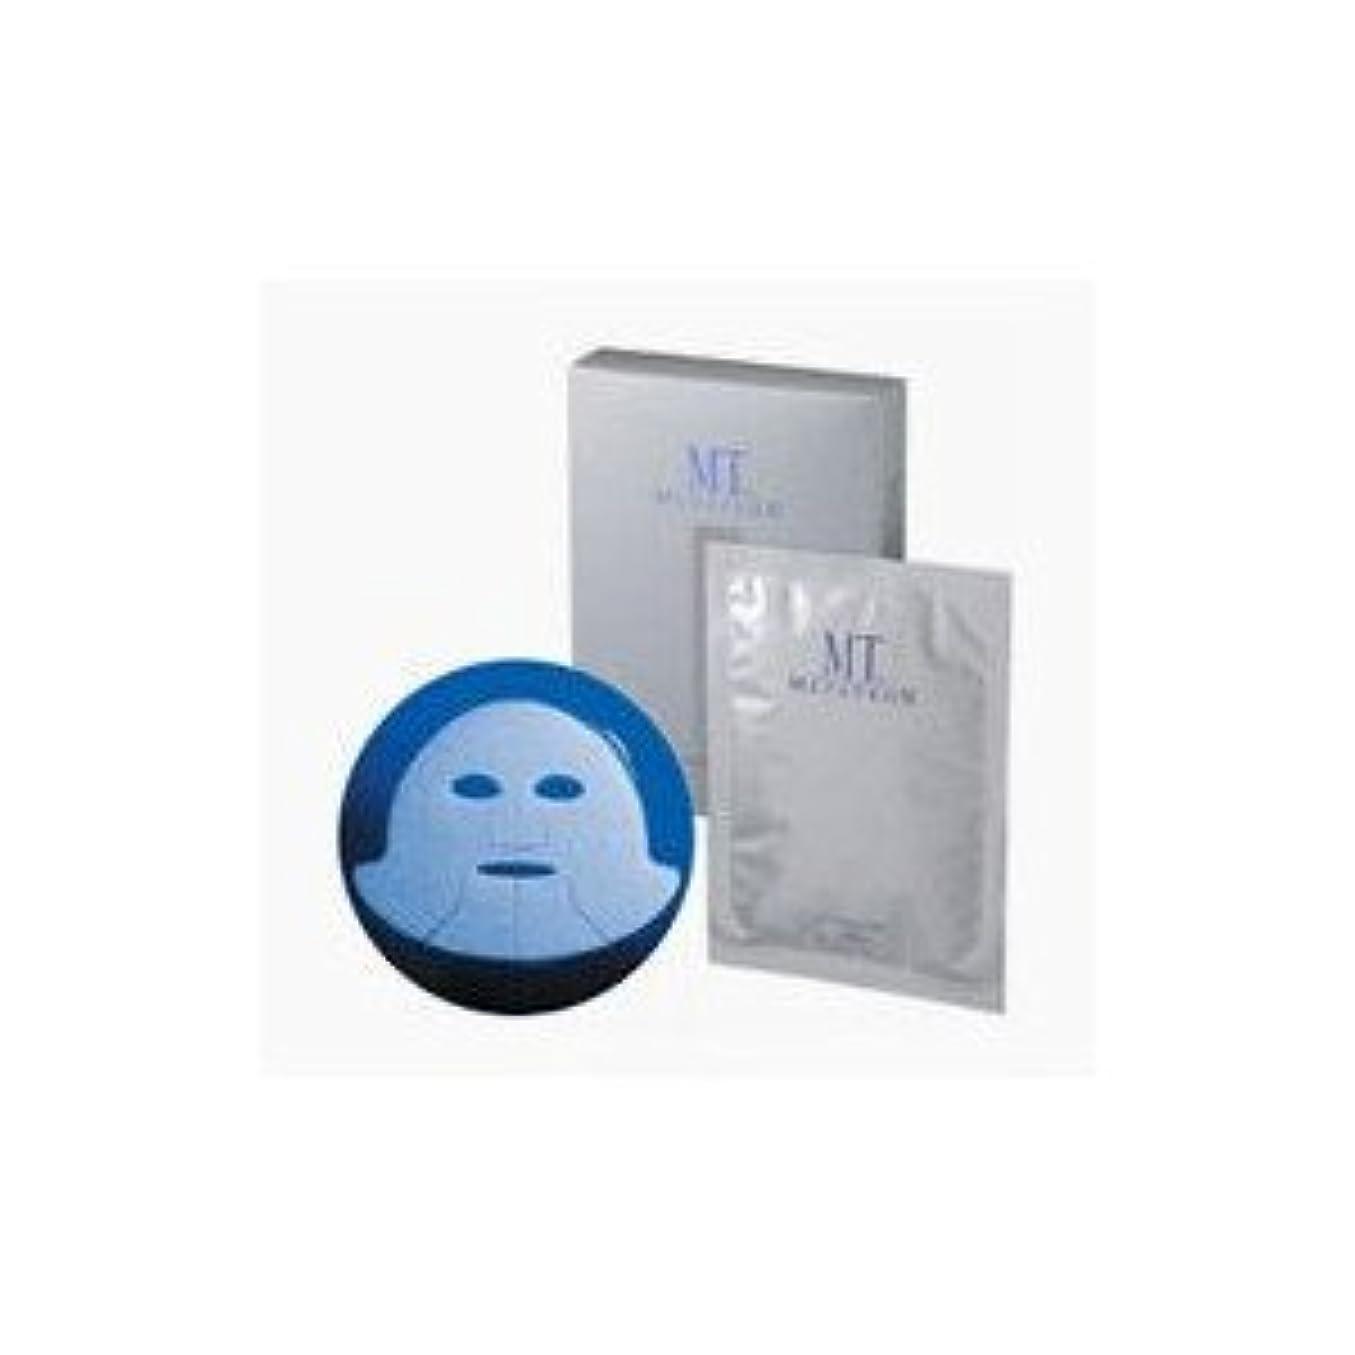 補充債務者デモンストレーションMTメタトロン MT コントア マスク 6枚入り アウトレット